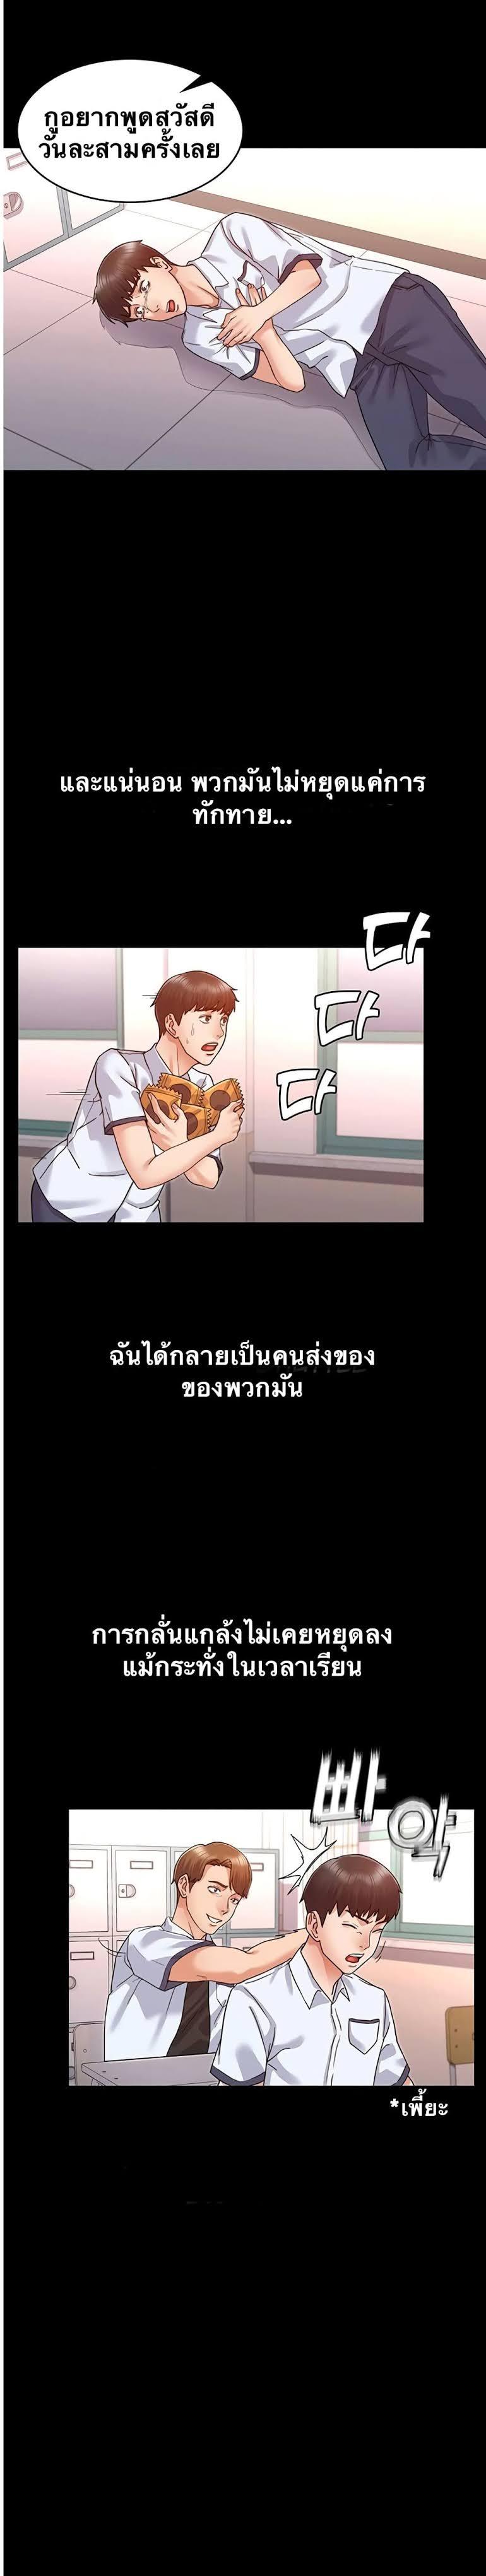 Teacher Punishment - หน้า 9